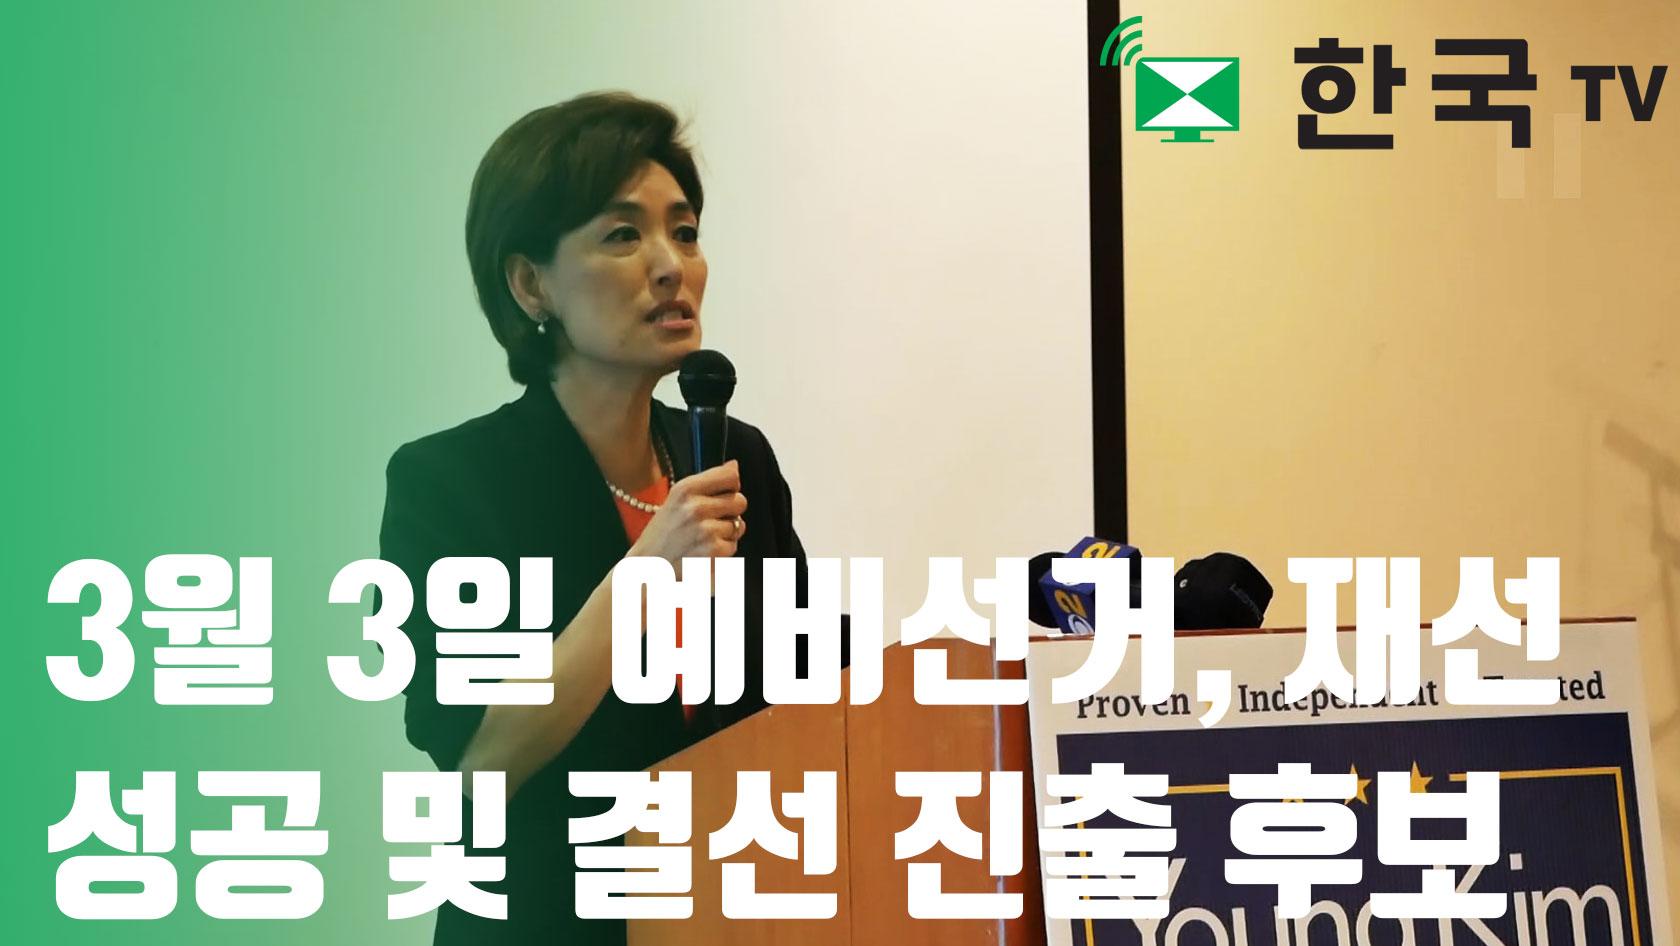 3월 3일 예비선거, 재선 성공 및 결선 진출 확정 등 한인 후보들 약진